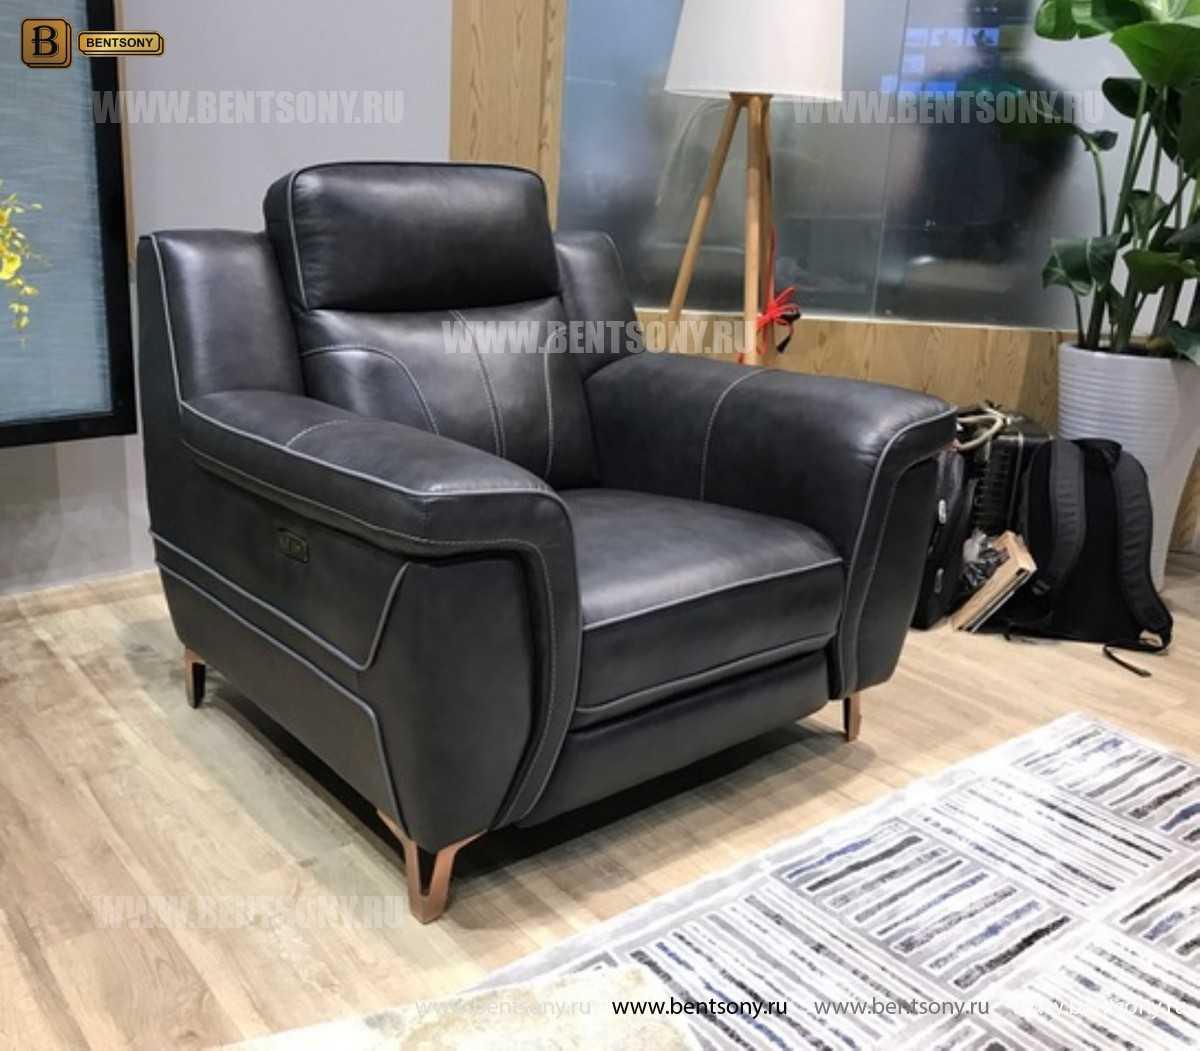 Кресло Камило (Электрический реклайнер, Натуральная кожа) распродажа